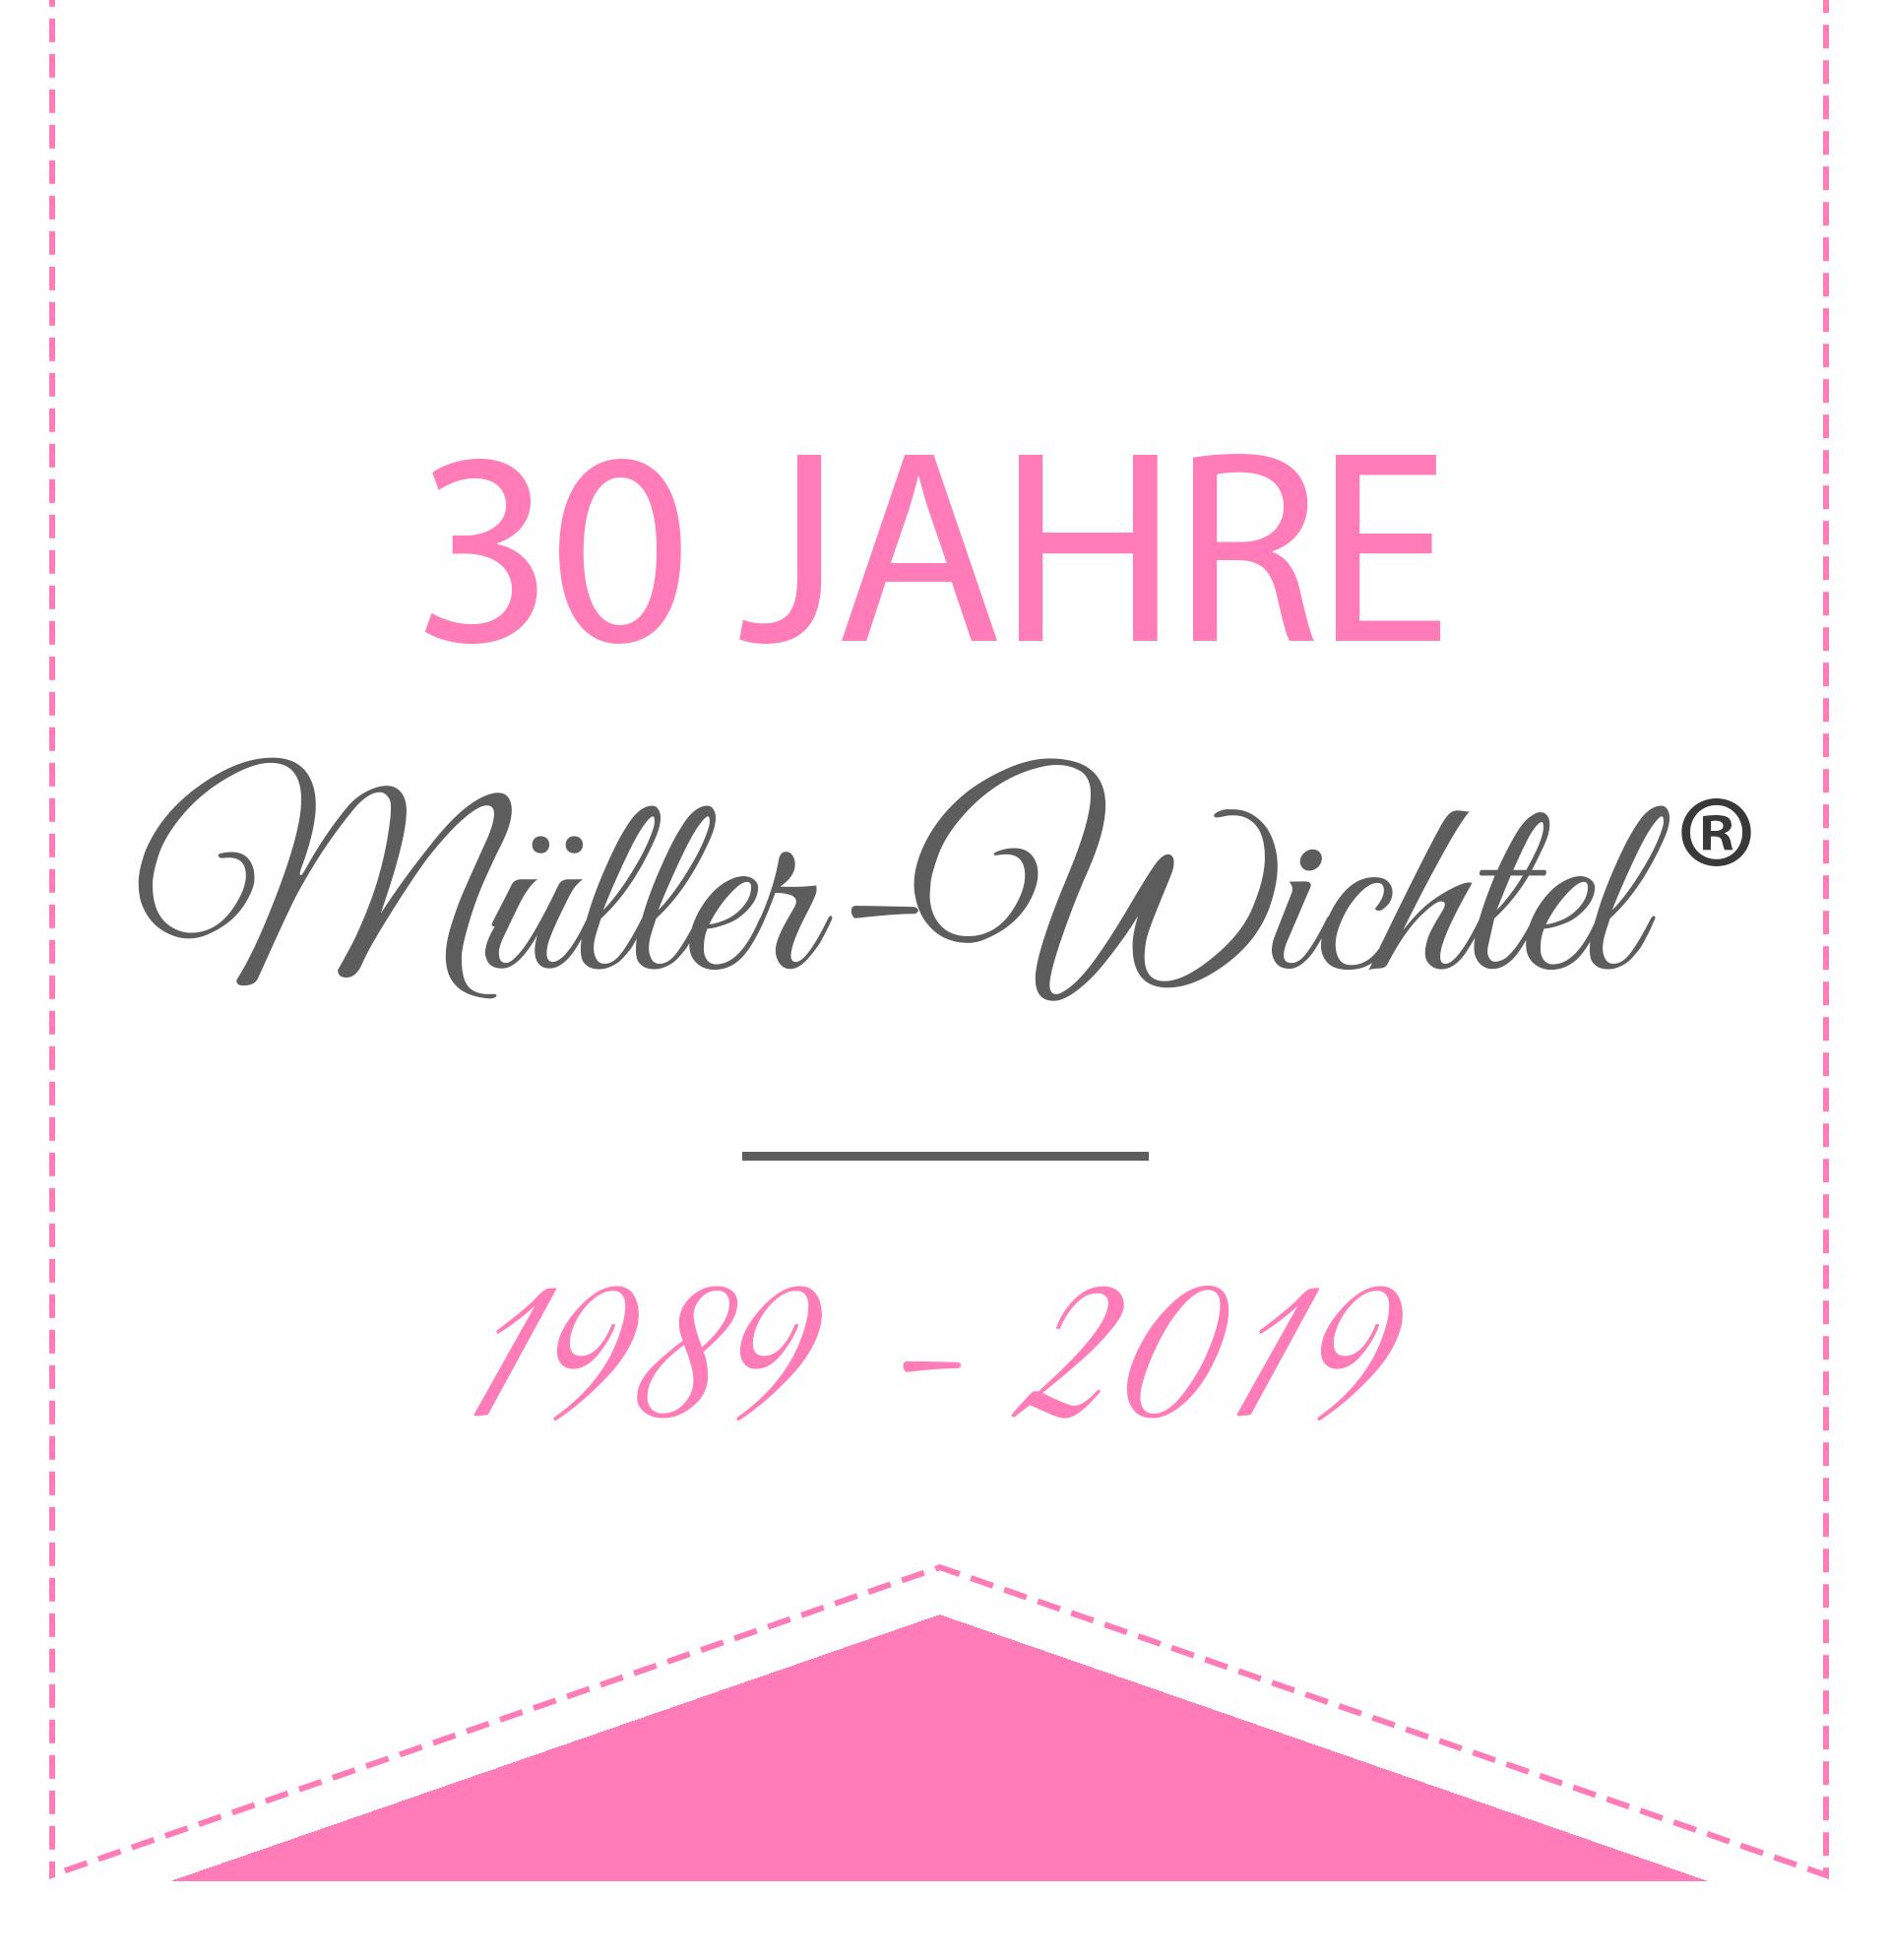 banner-30-jahre-mueller-wichtel